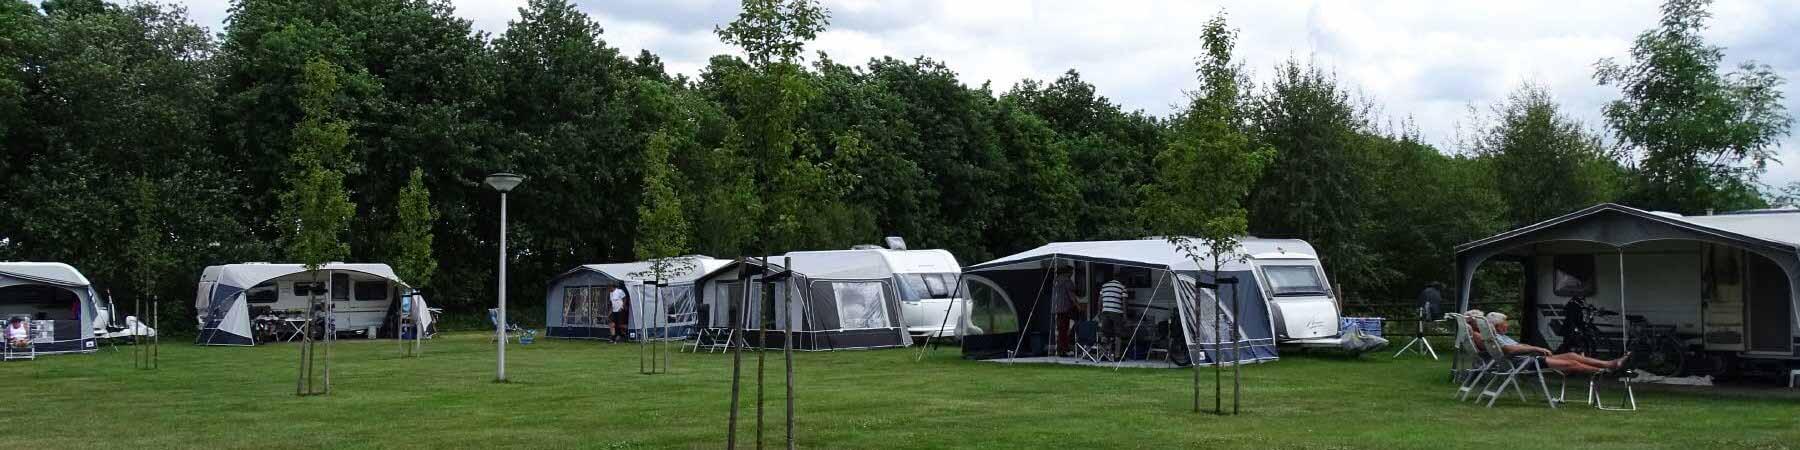 Camping de Lijsterbes | Bosrijke omgeving